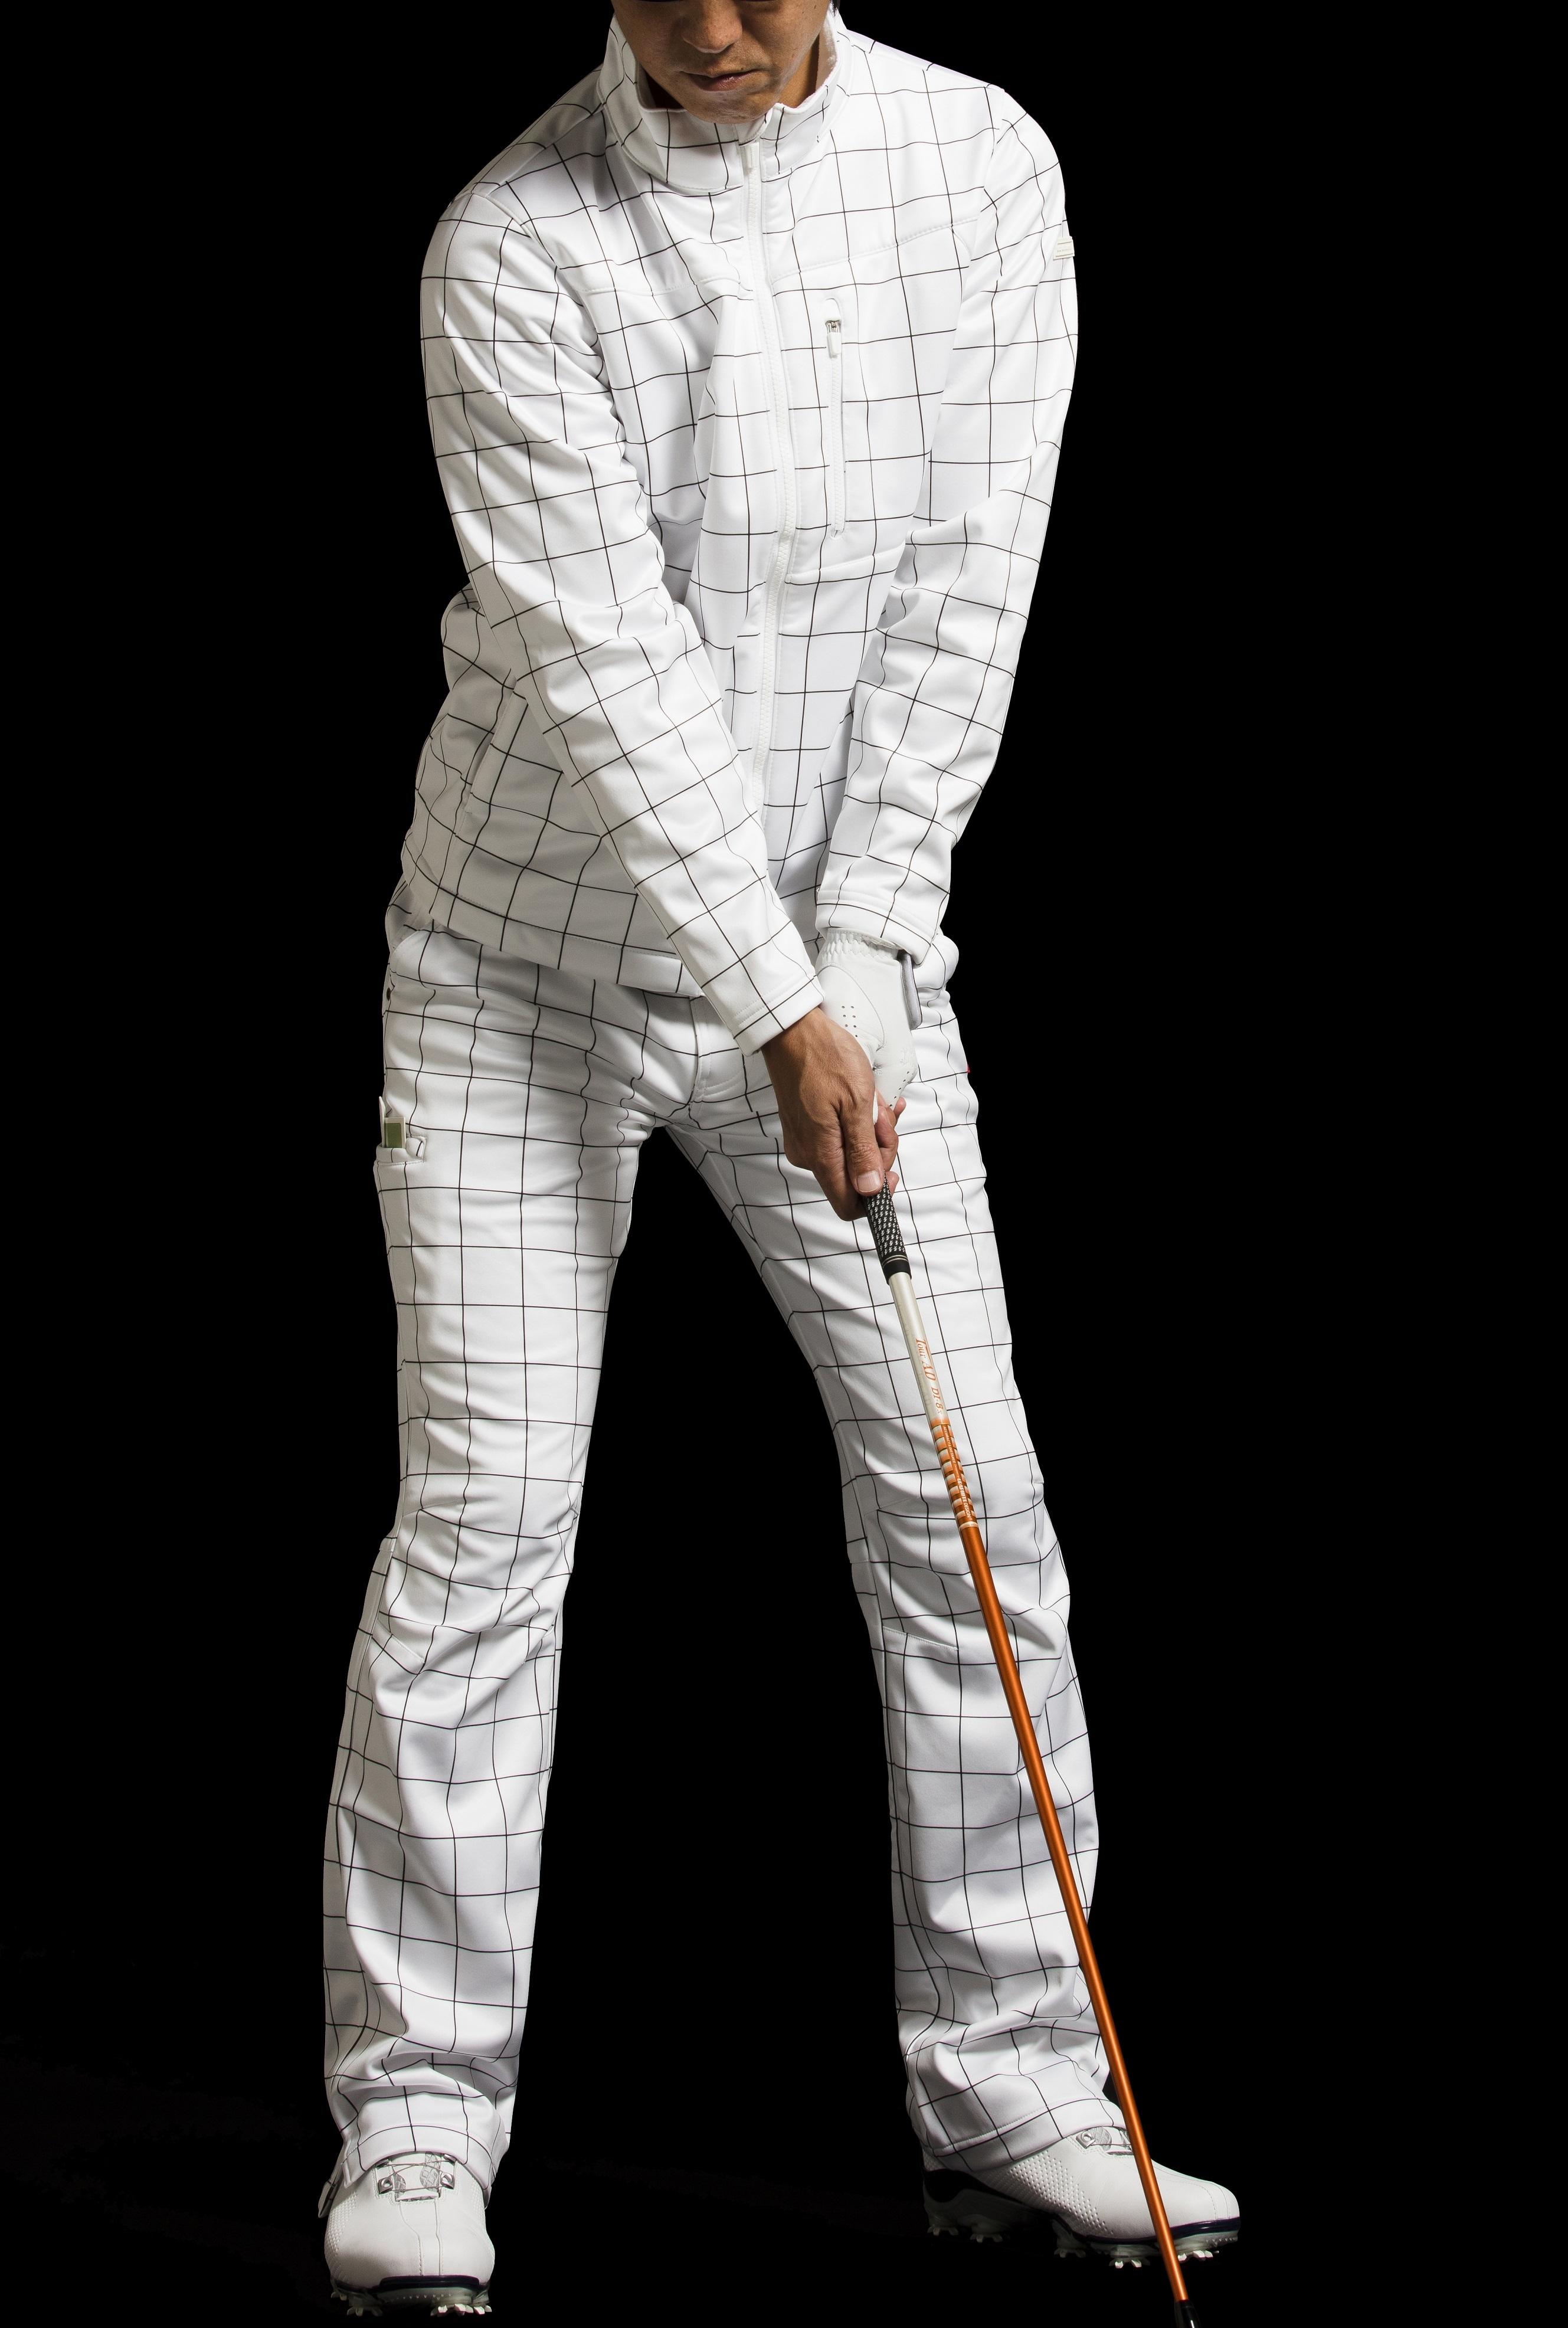 GDOオリジナルを購入して社会貢献!〜冬のゴルフを楽しもう〜